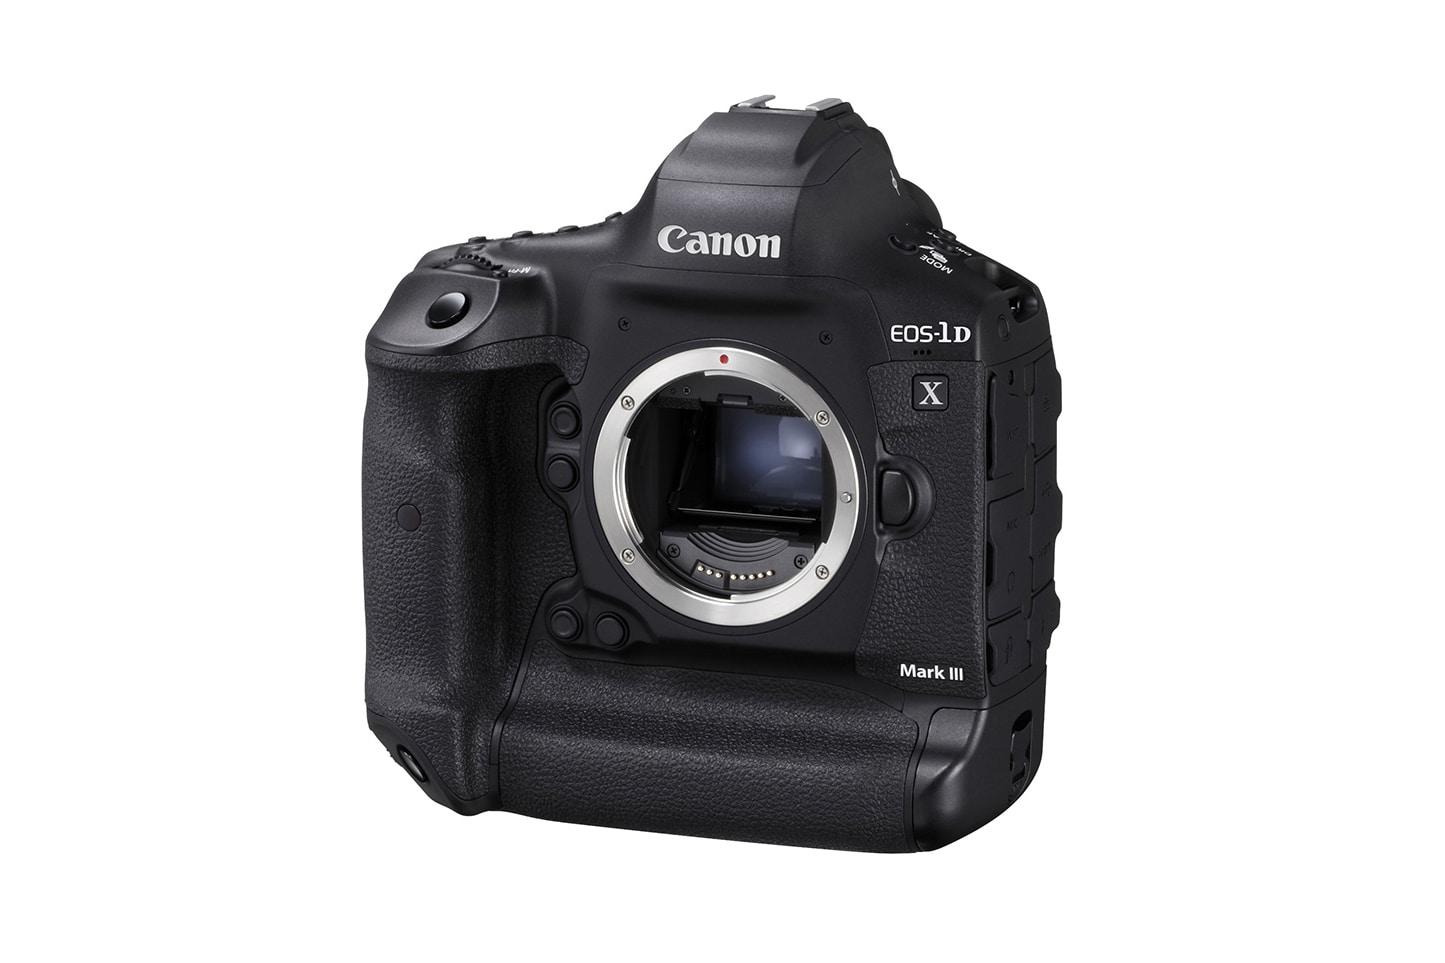 Canon EOS-1D X Mark III ra mắt: 2 chip xử lý hình ảnh, chụp 20fps, quay phim 5.5K raw, giá 150 triệu đồng